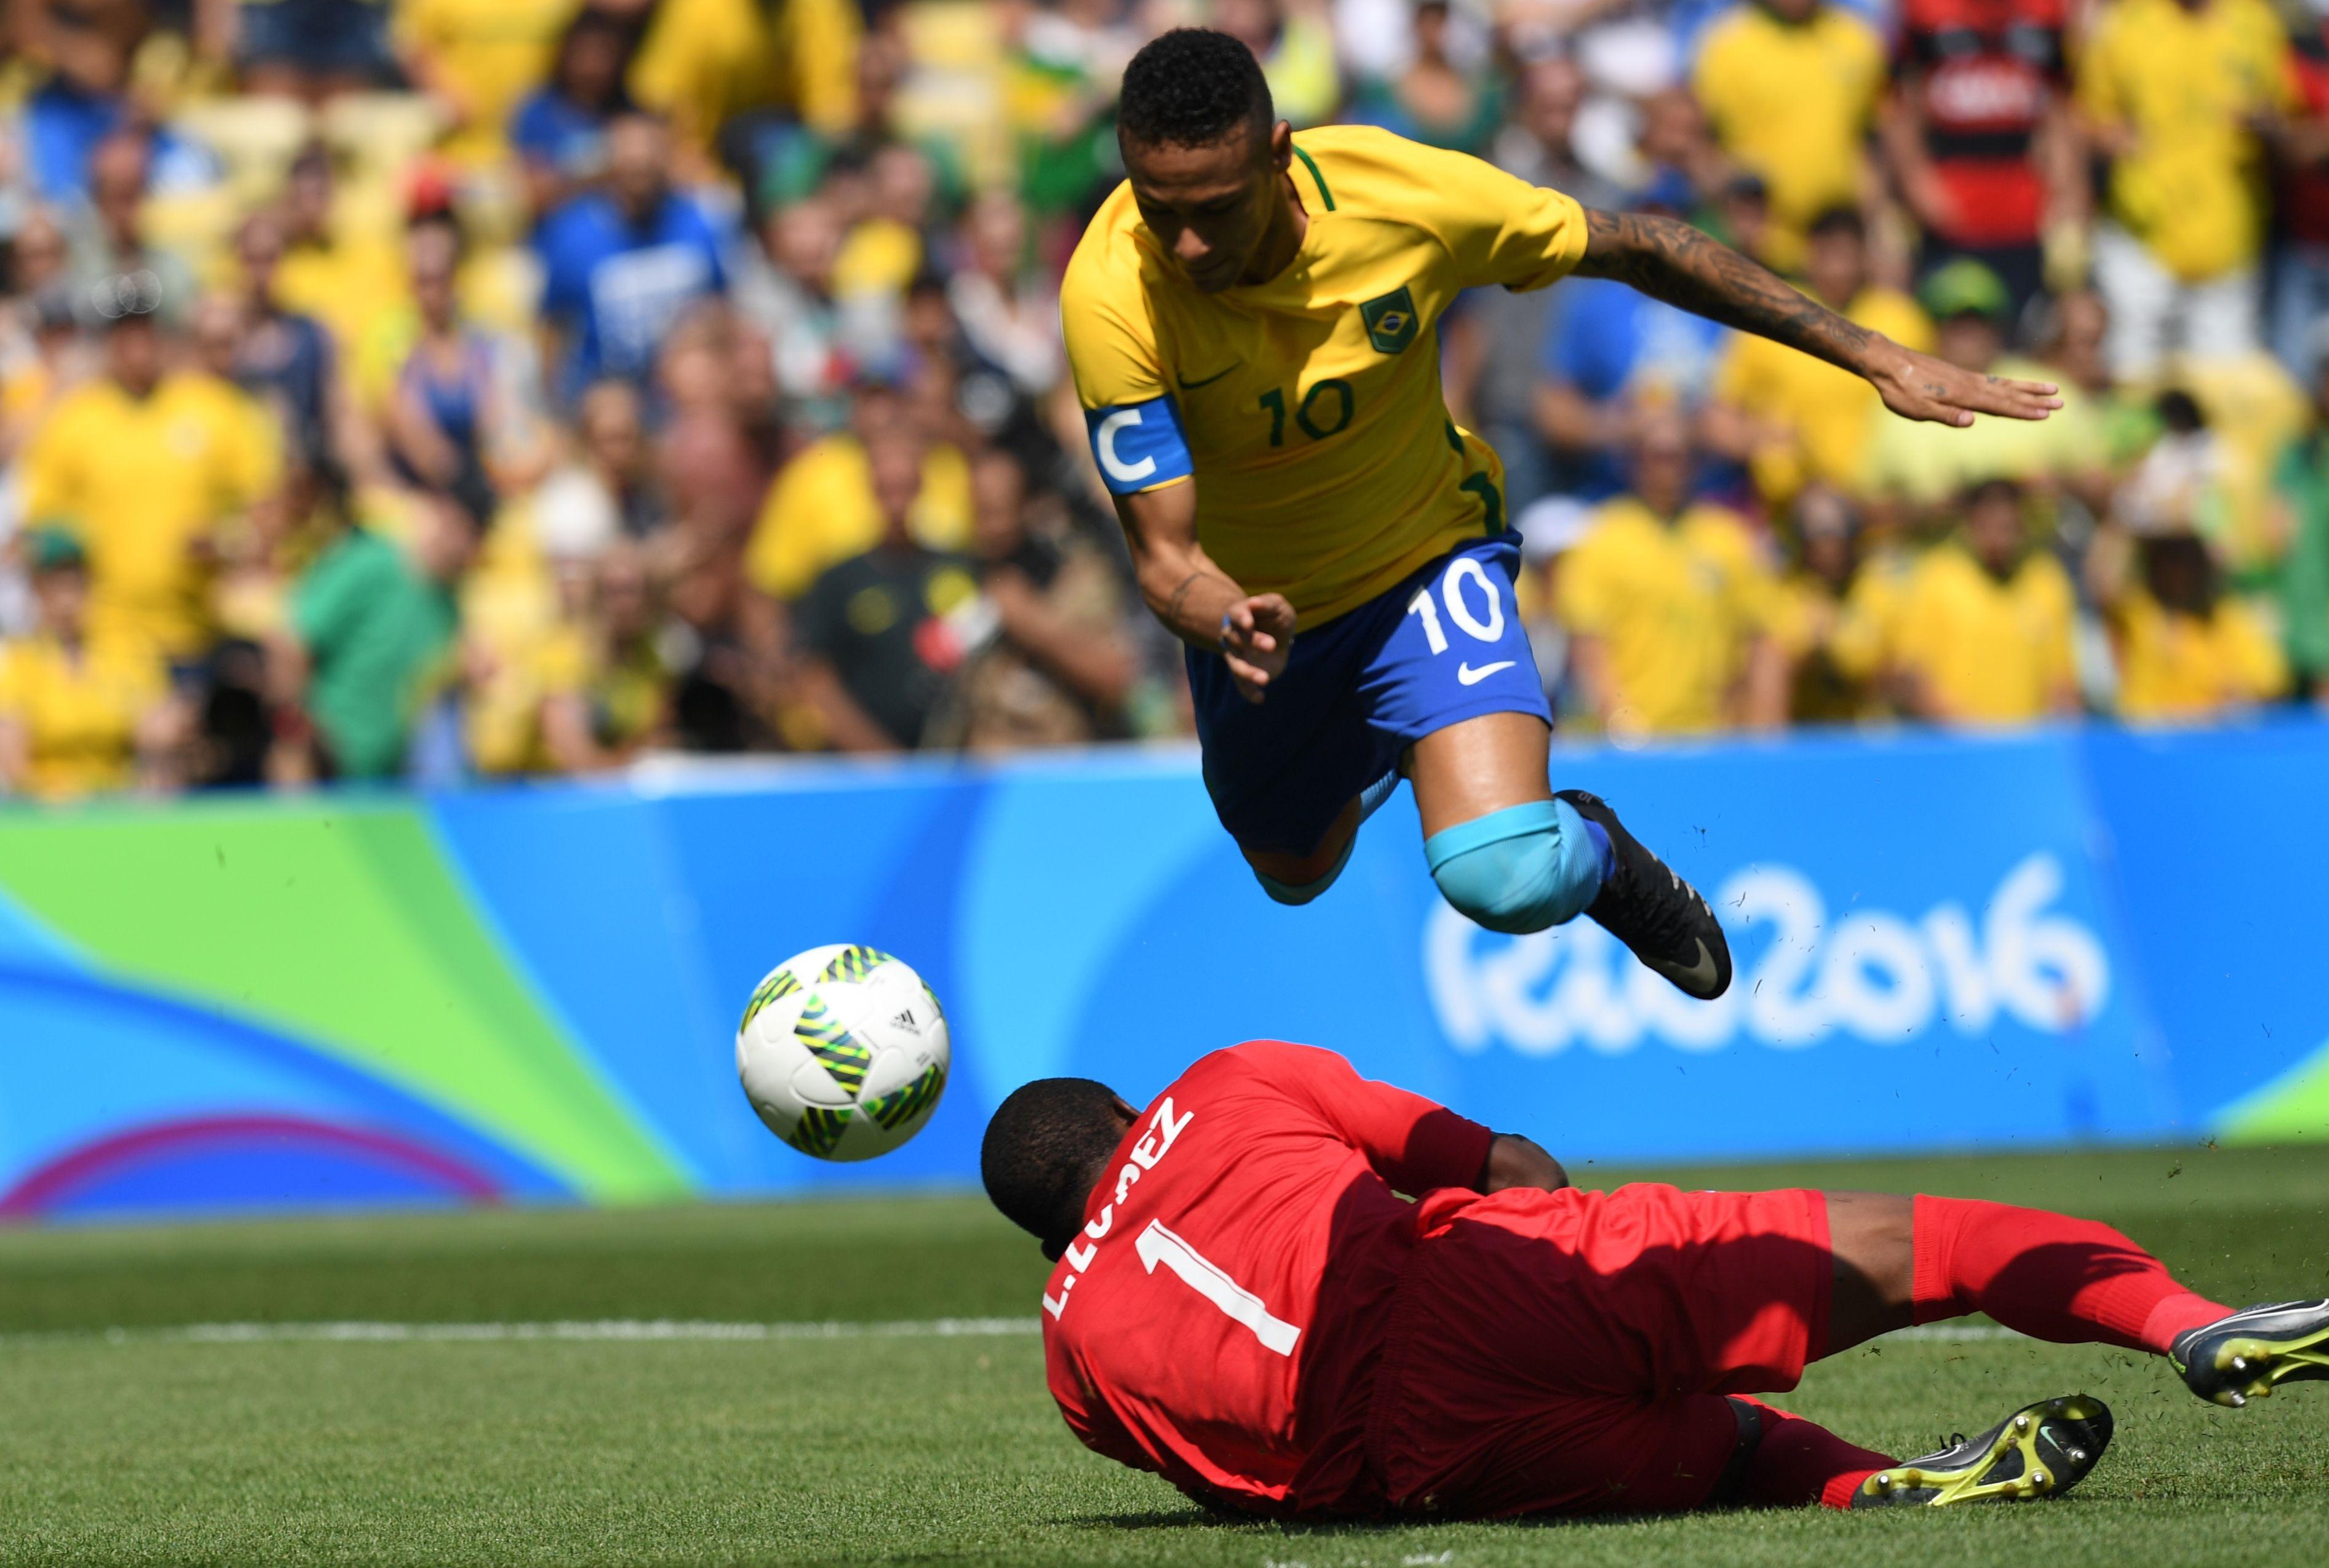 نيمار يقود البرازيل في نهائي الثأر والذهب أمام ألمانيا بأولمبياد ريو